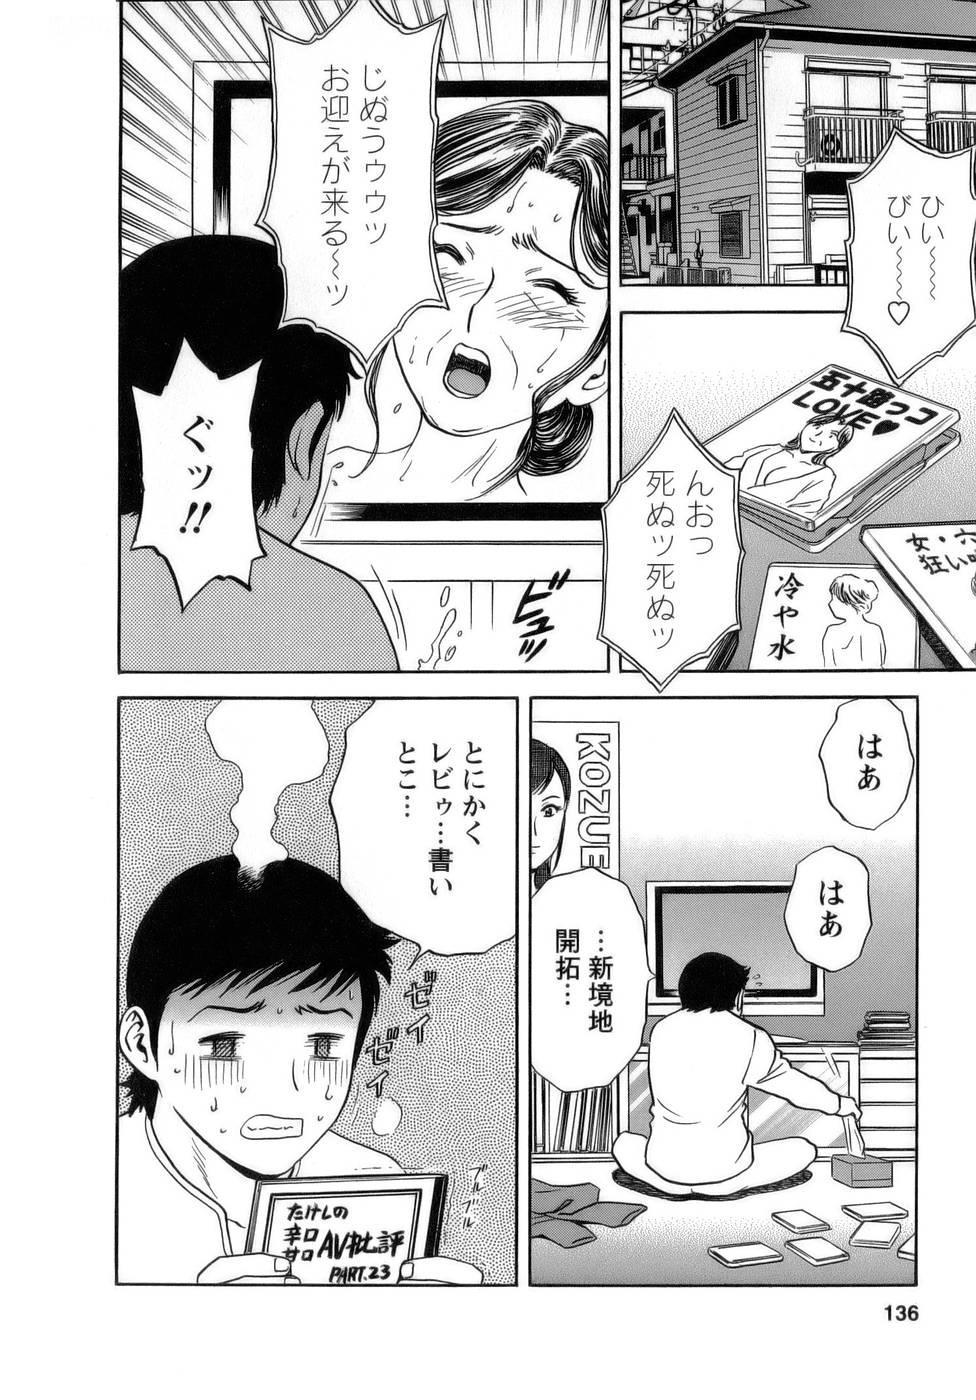 [Hidemaru] Mo-Retsu! Boin Sensei (Boing Boing Teacher) Vol.1 135